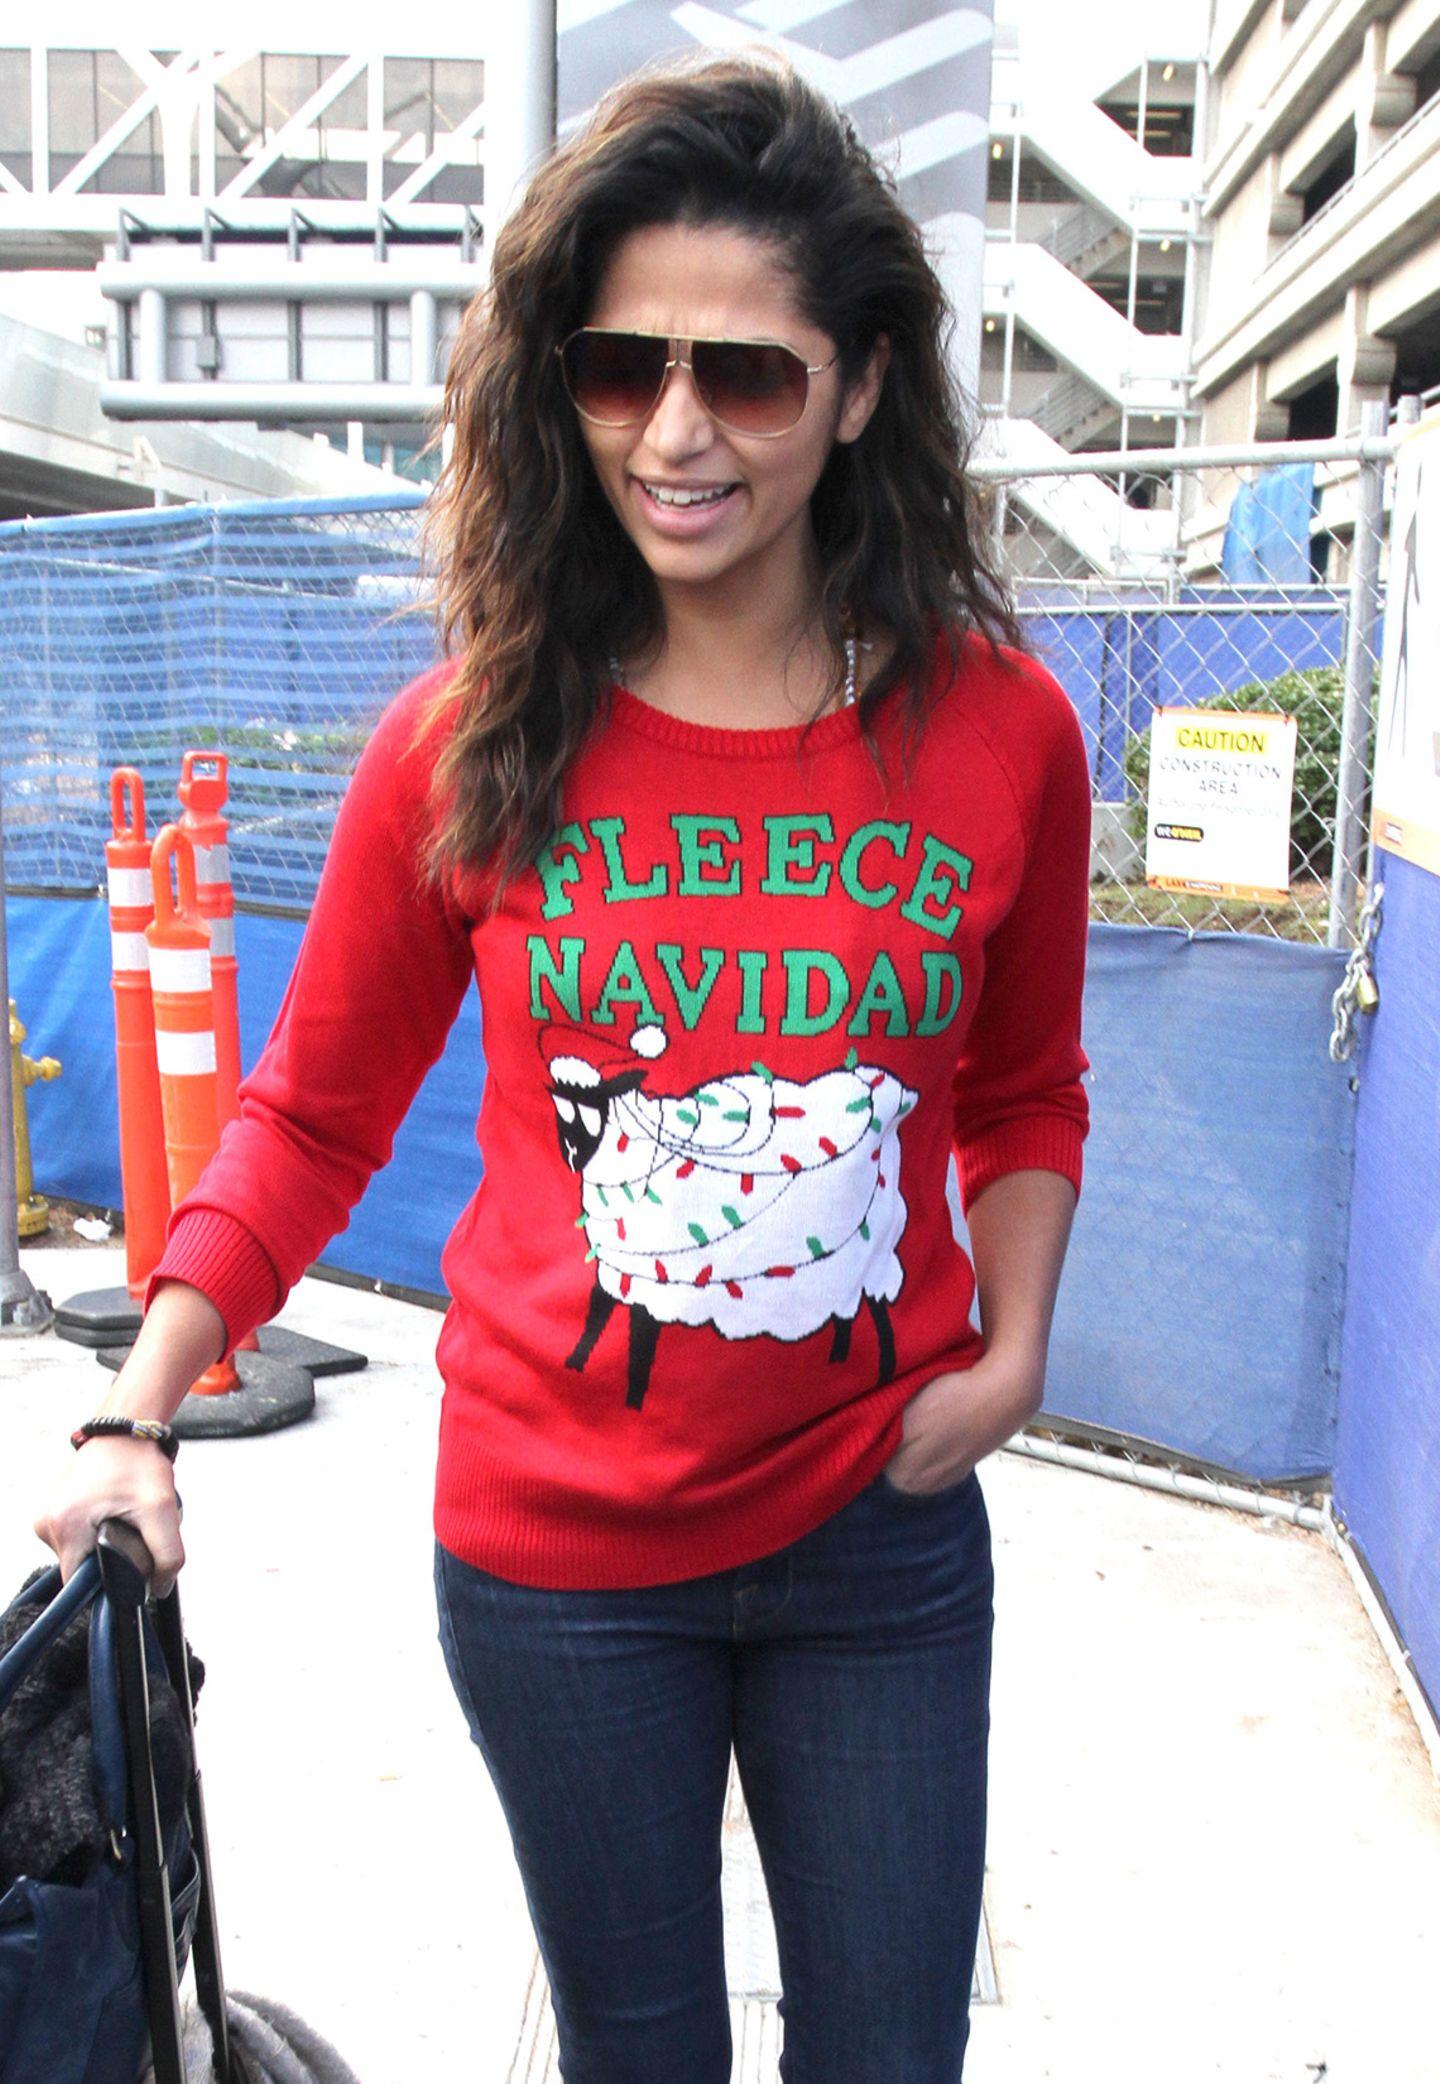 """Camila Alves scheint sich über das witzige Wortspiel auf ihrem Weihnachtspulli am meisten zu freuen. Na, dann mal """"Fleece Navidad""""."""